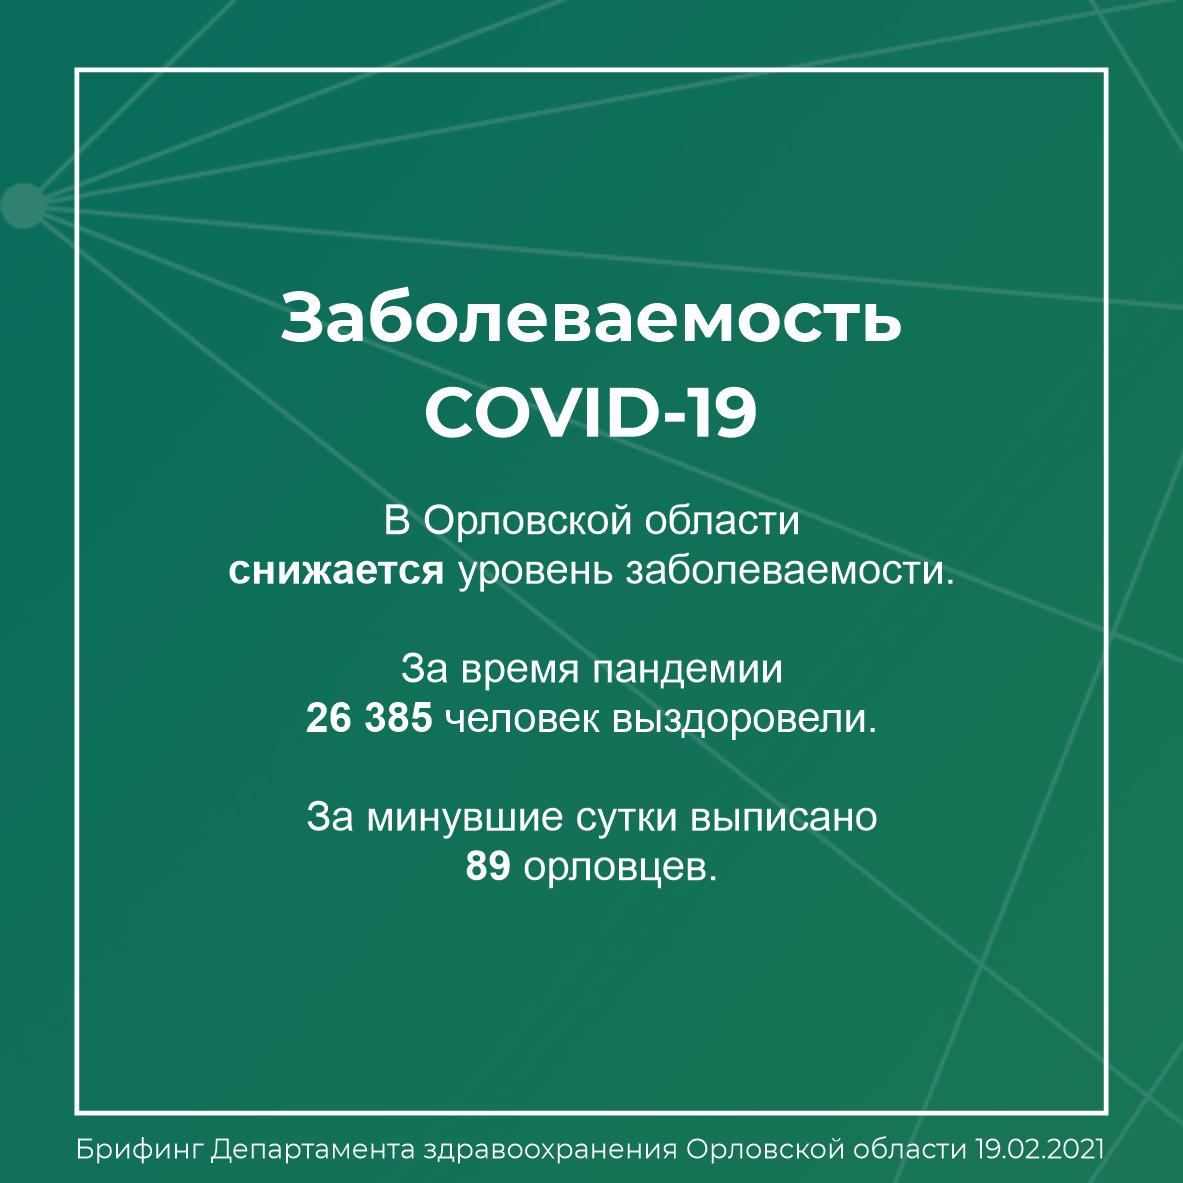 Главное из брифинга руководителя регионального департамента здравоохранения Ивана Залогина: орловцы вакцинируются, заболеваемость снижается.